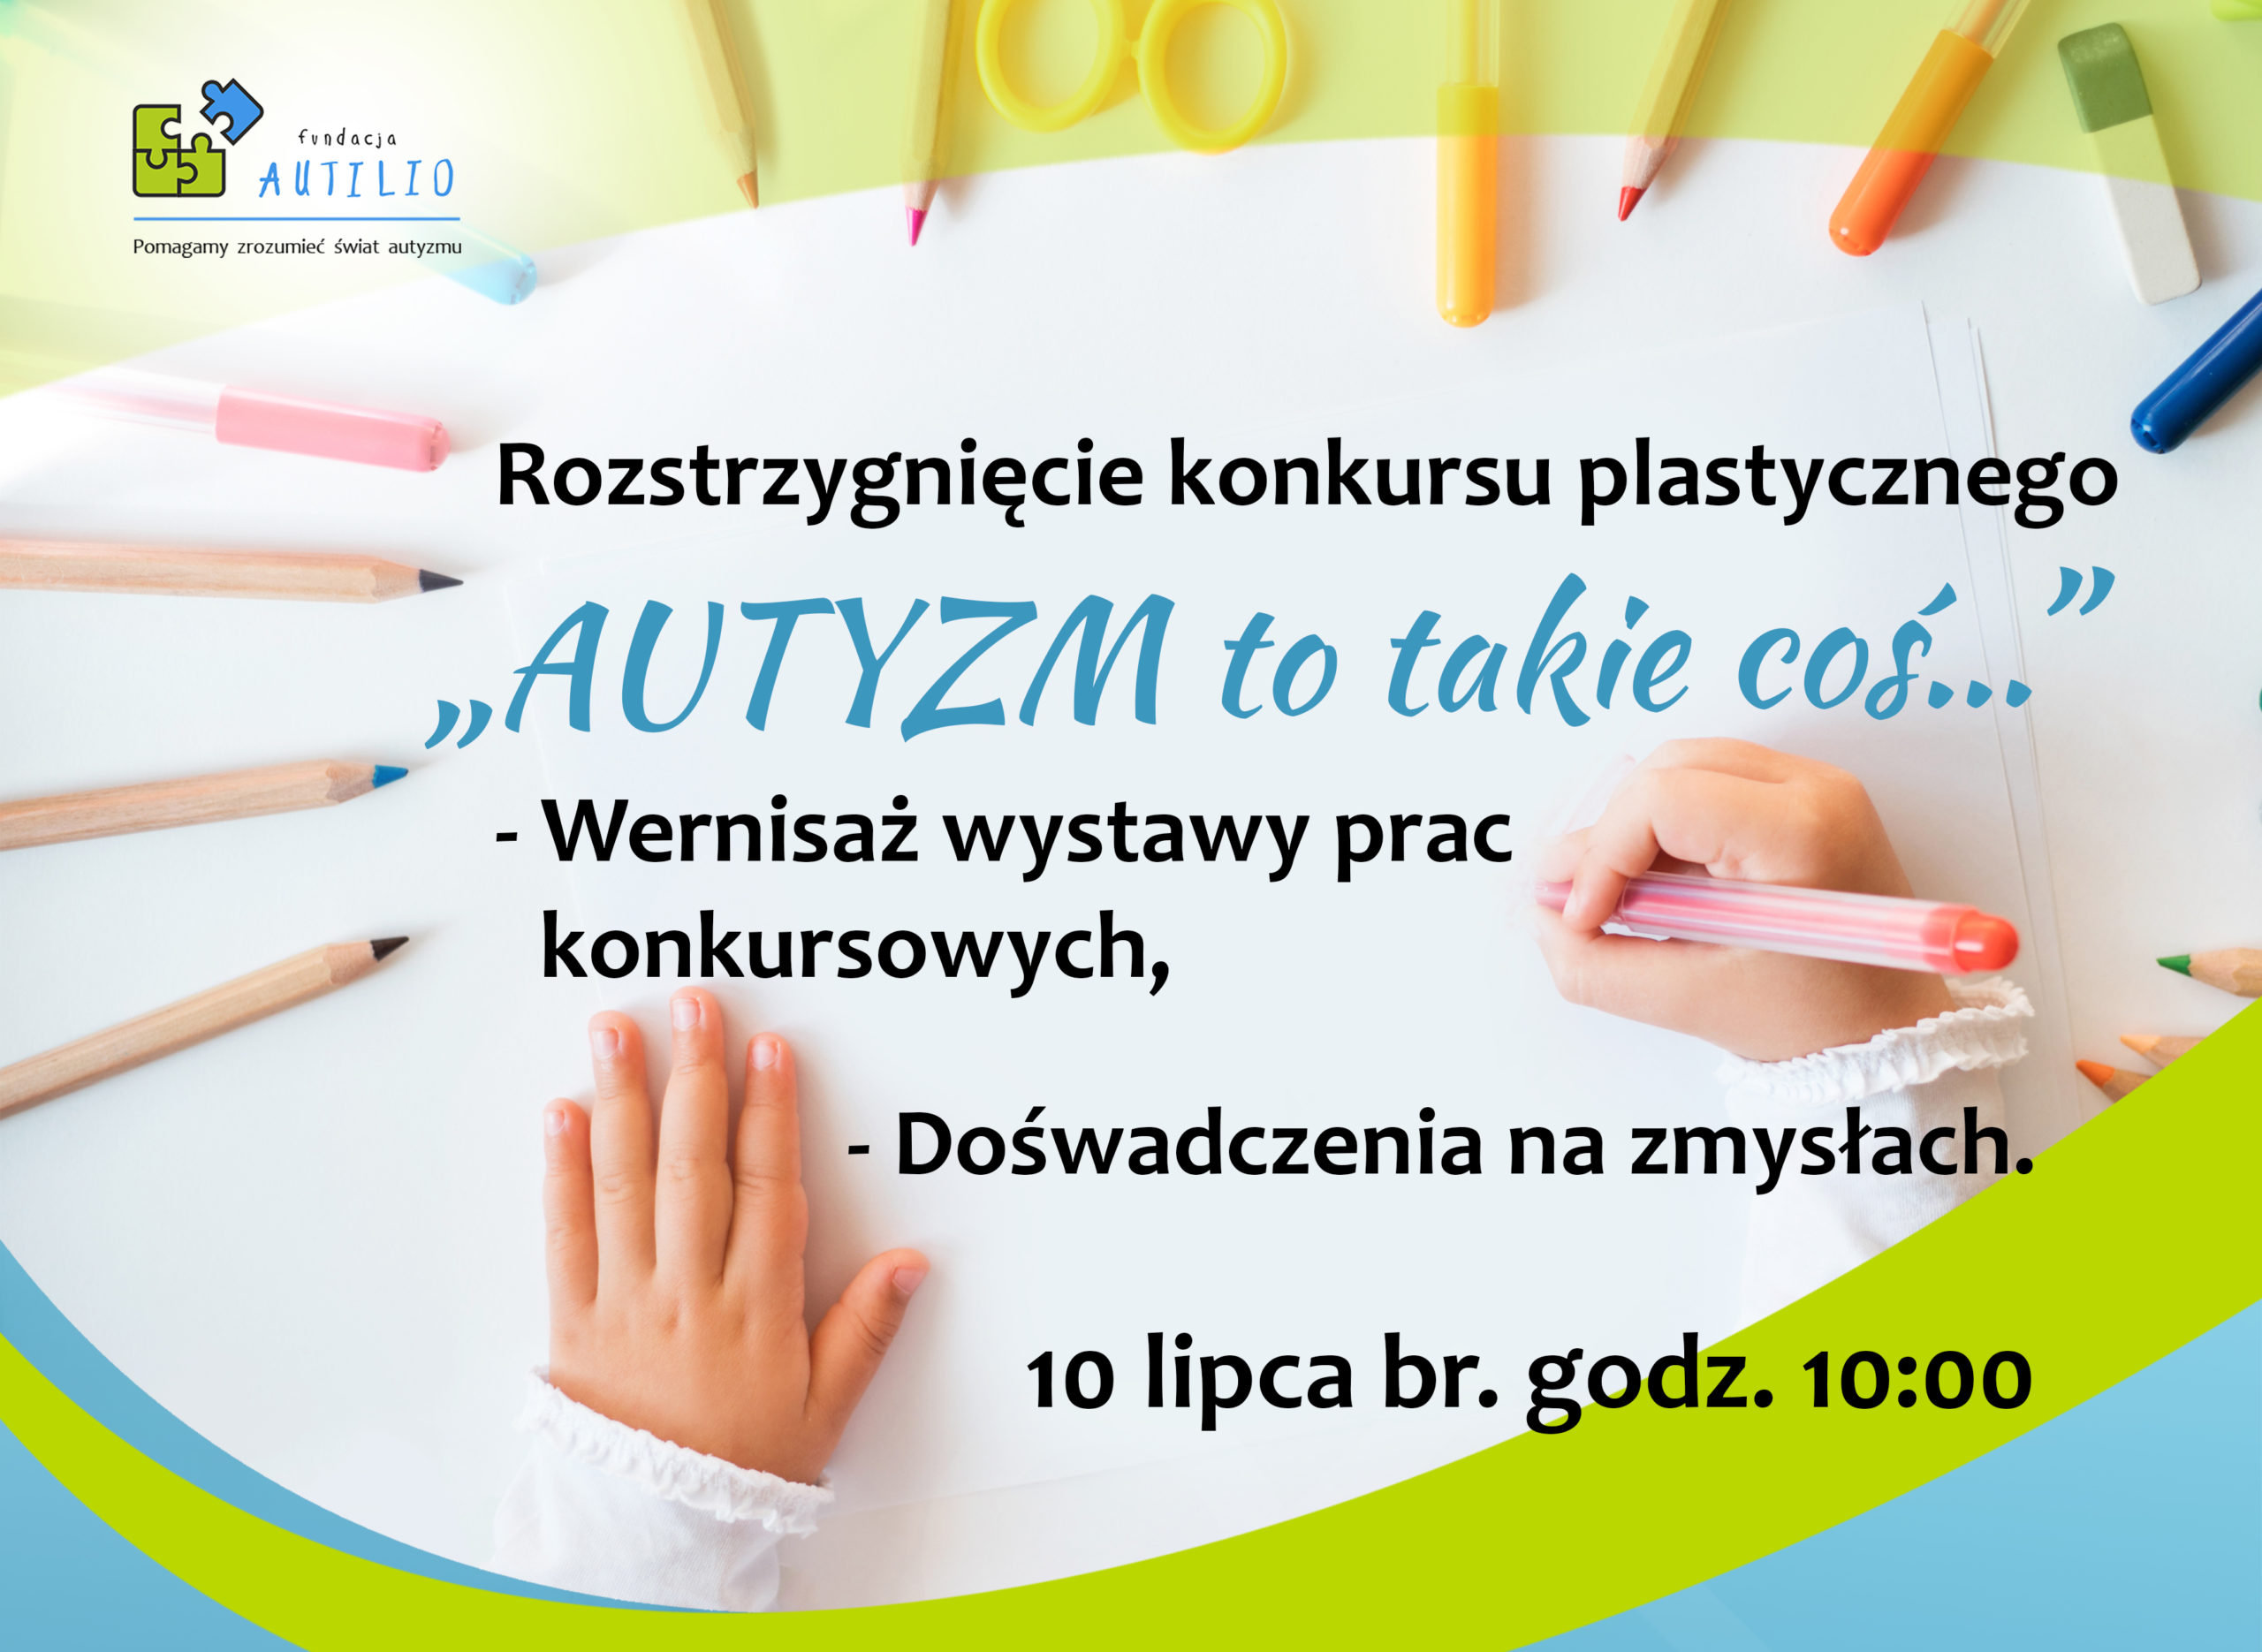 plansza_zaproszenie_wystawa (1)